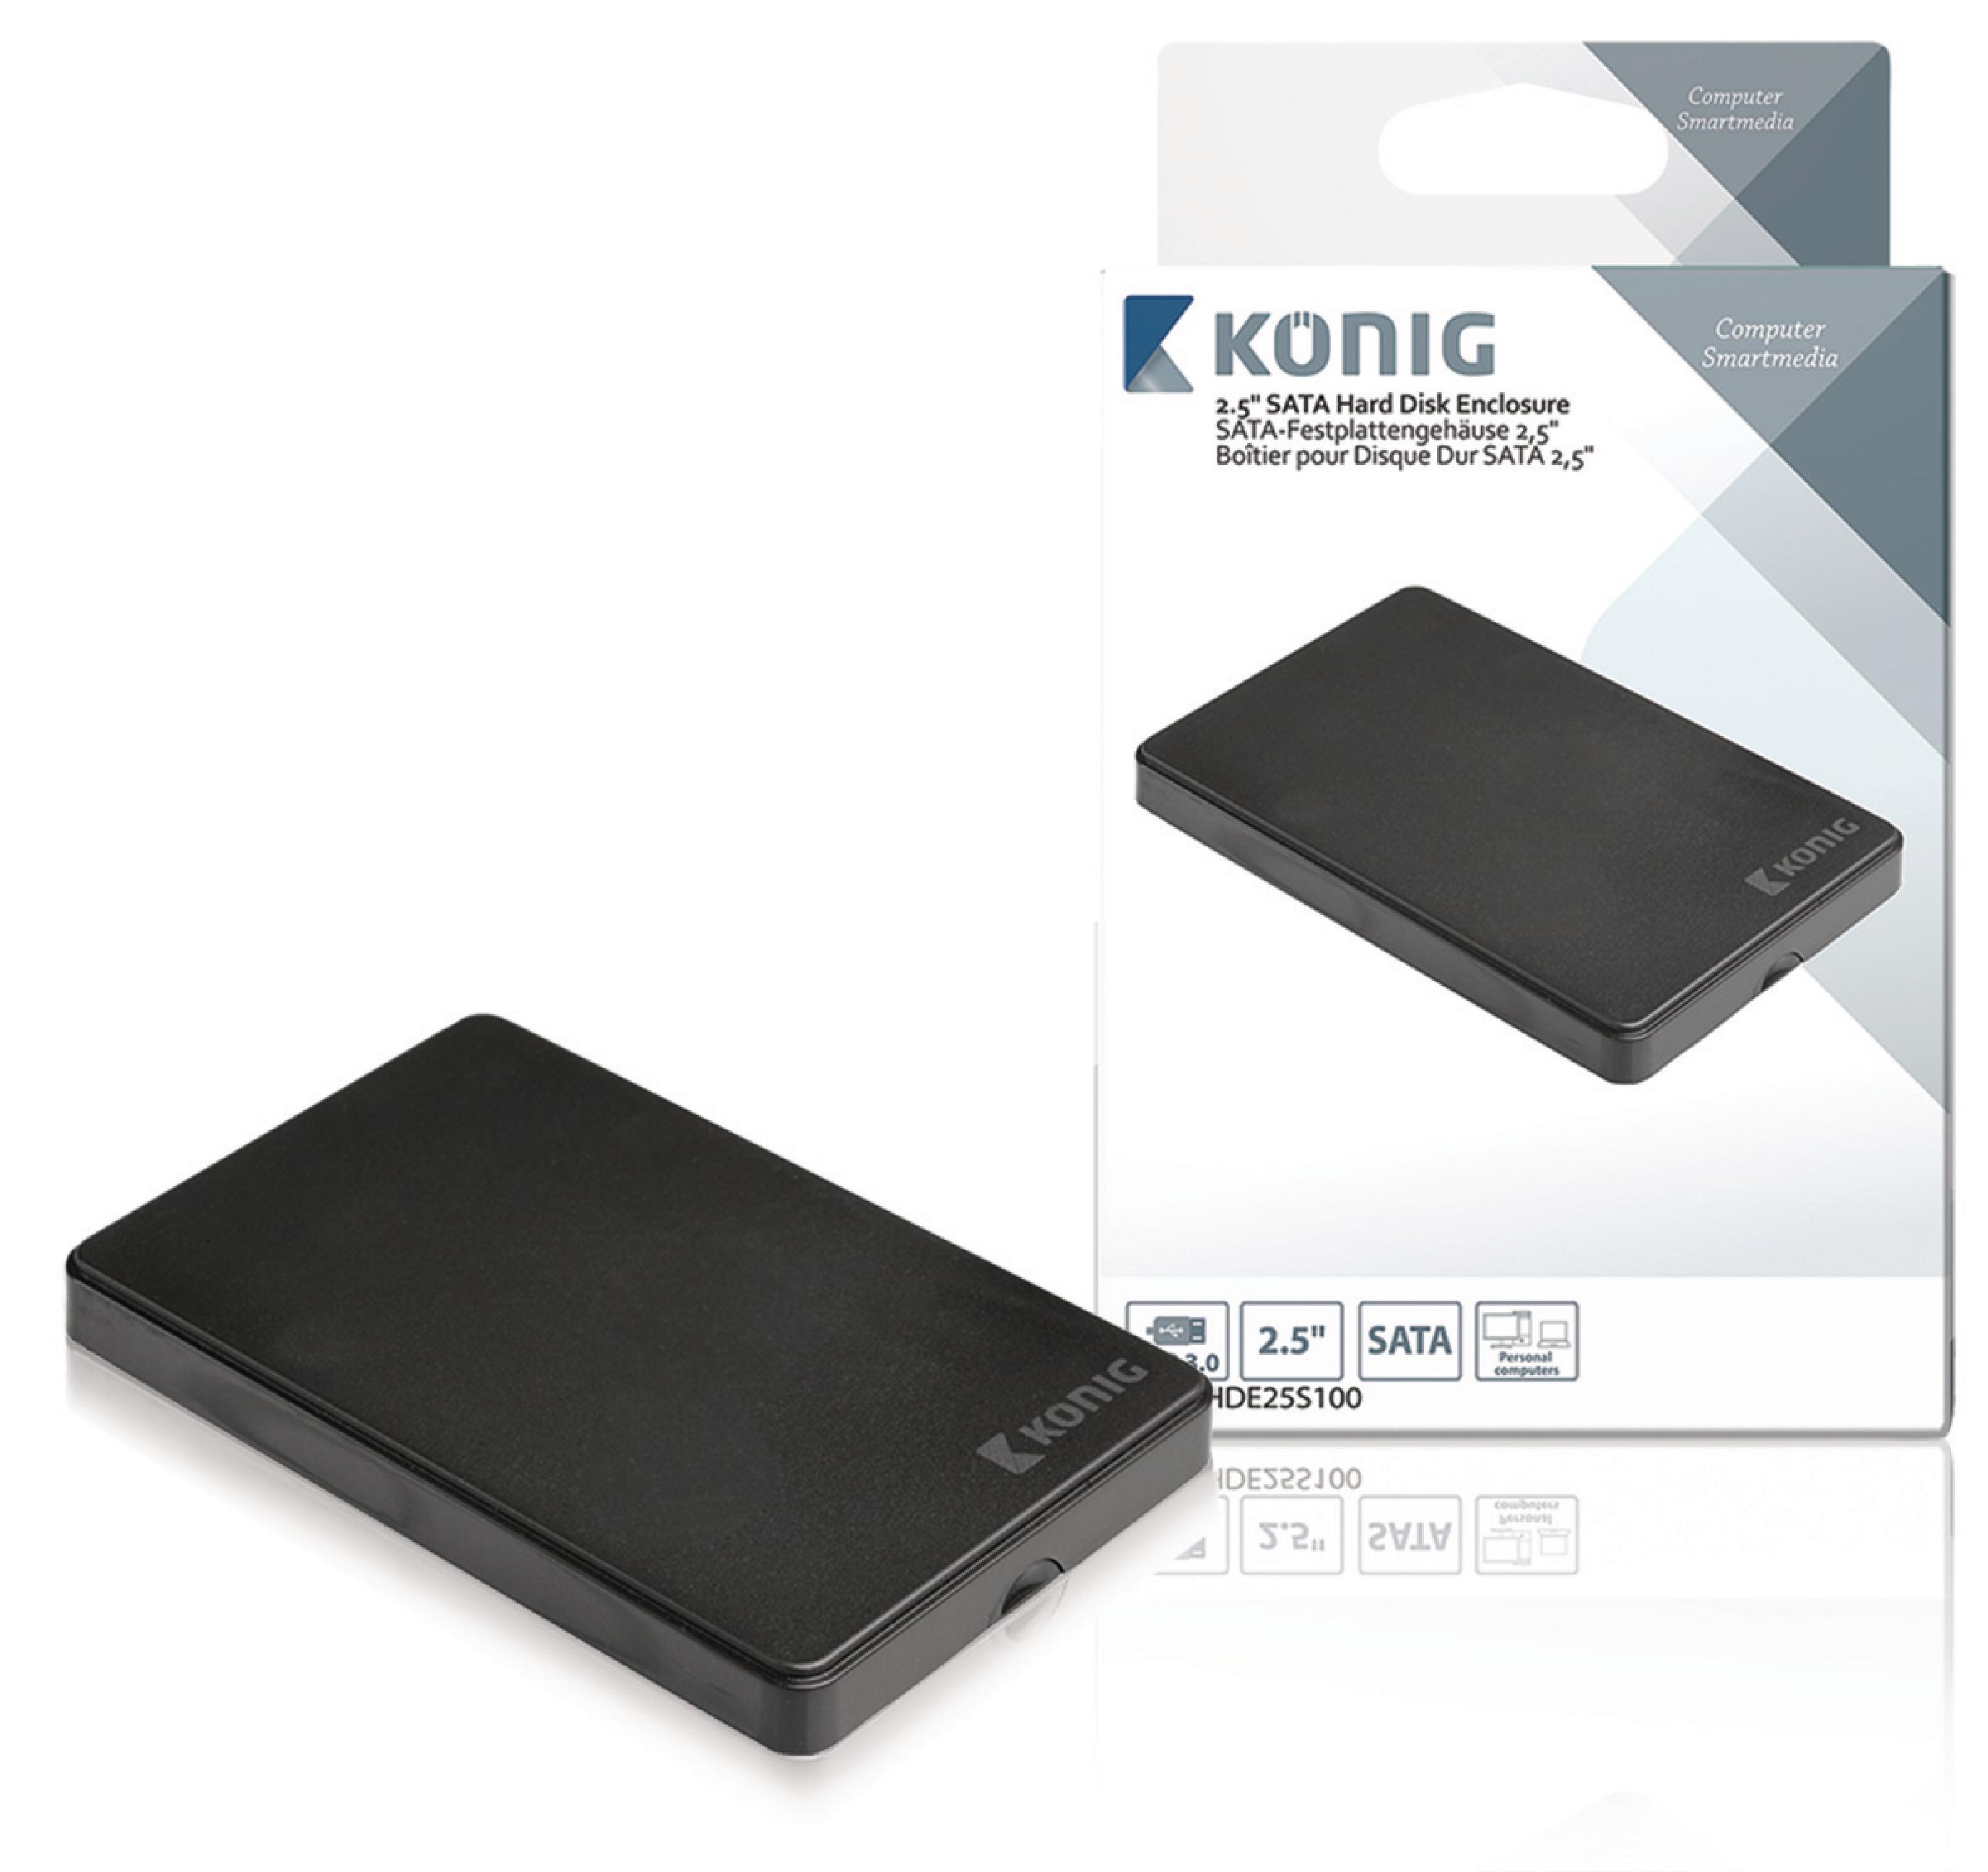 """Externí box König pro pevný disk 2.5"""" SATA USB 3.0, CSU3HDE25S100"""